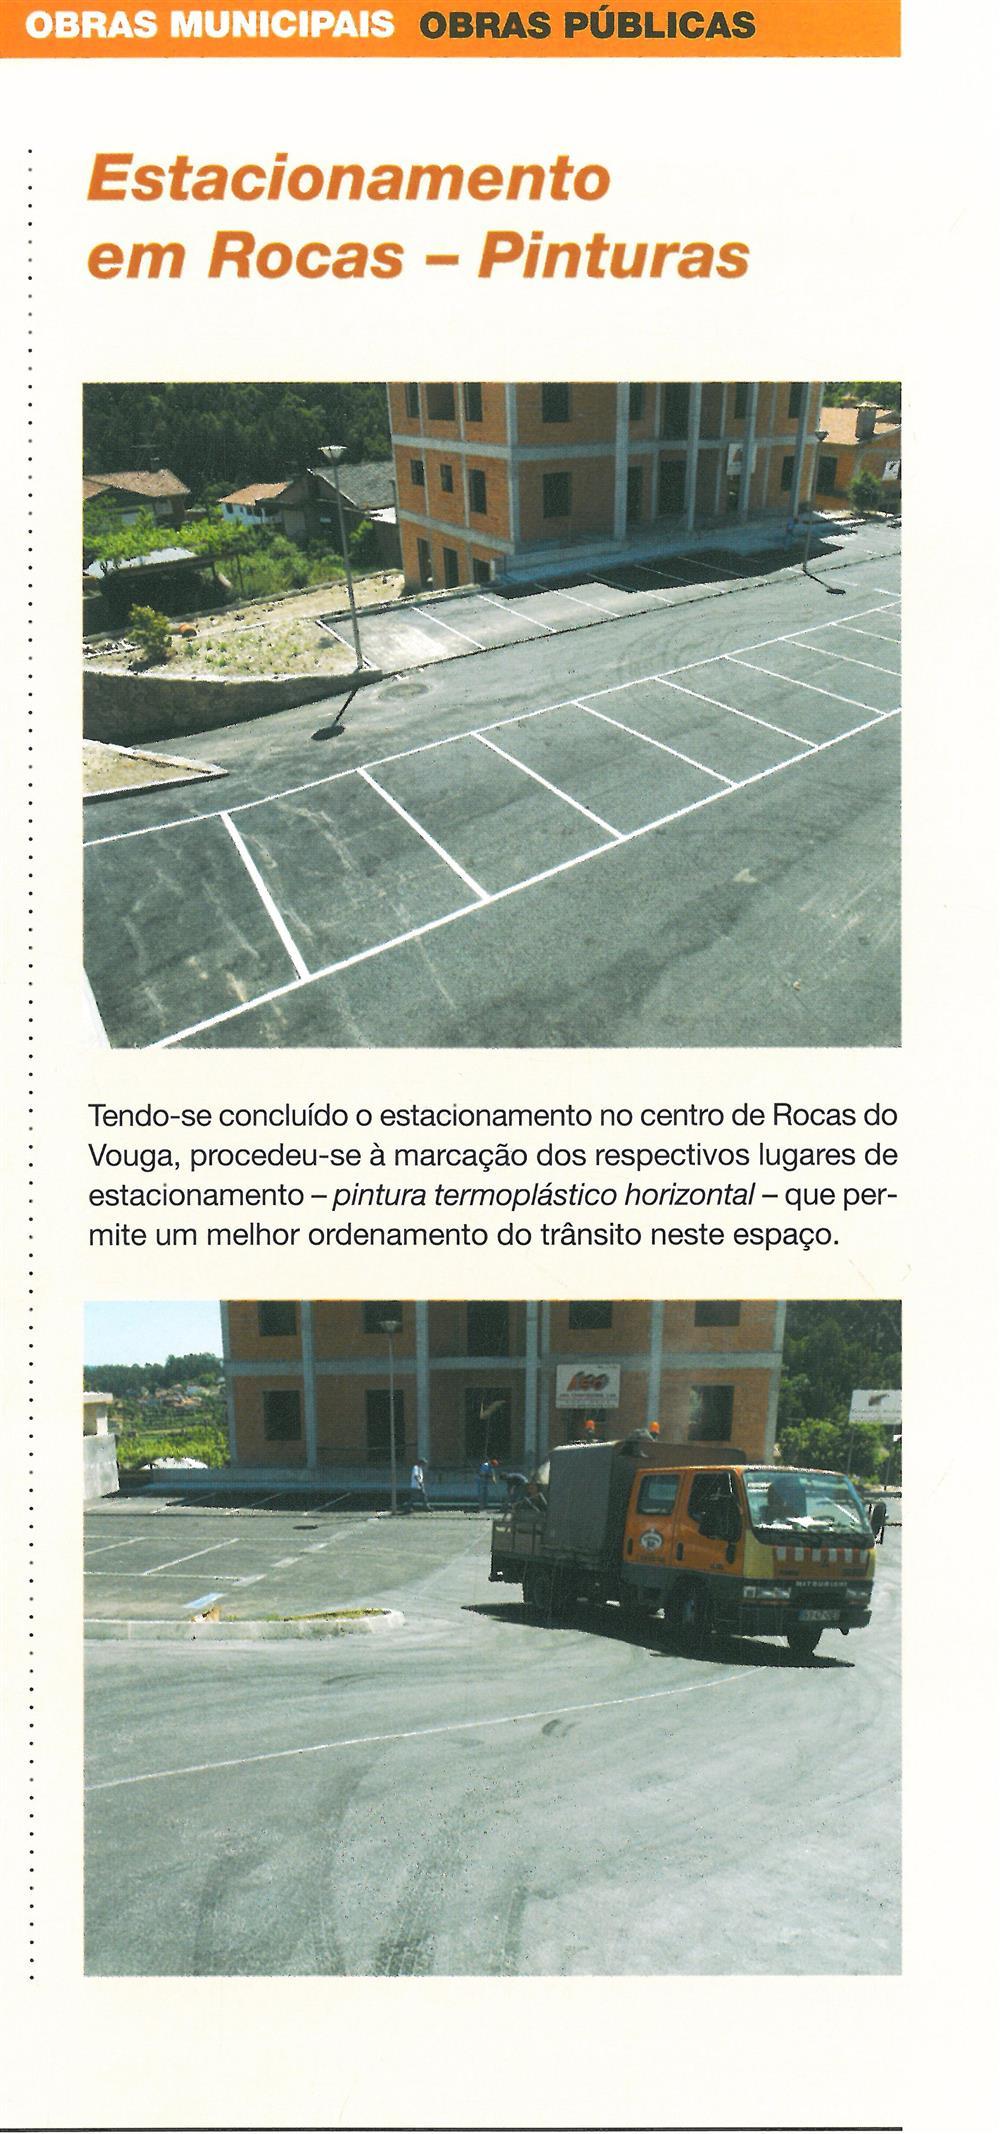 BoletimMunicipal-n.º 20-set.'06-p.13-Obras municipais : obras públicas : estacionamento em Rocas : pinturas.jpg